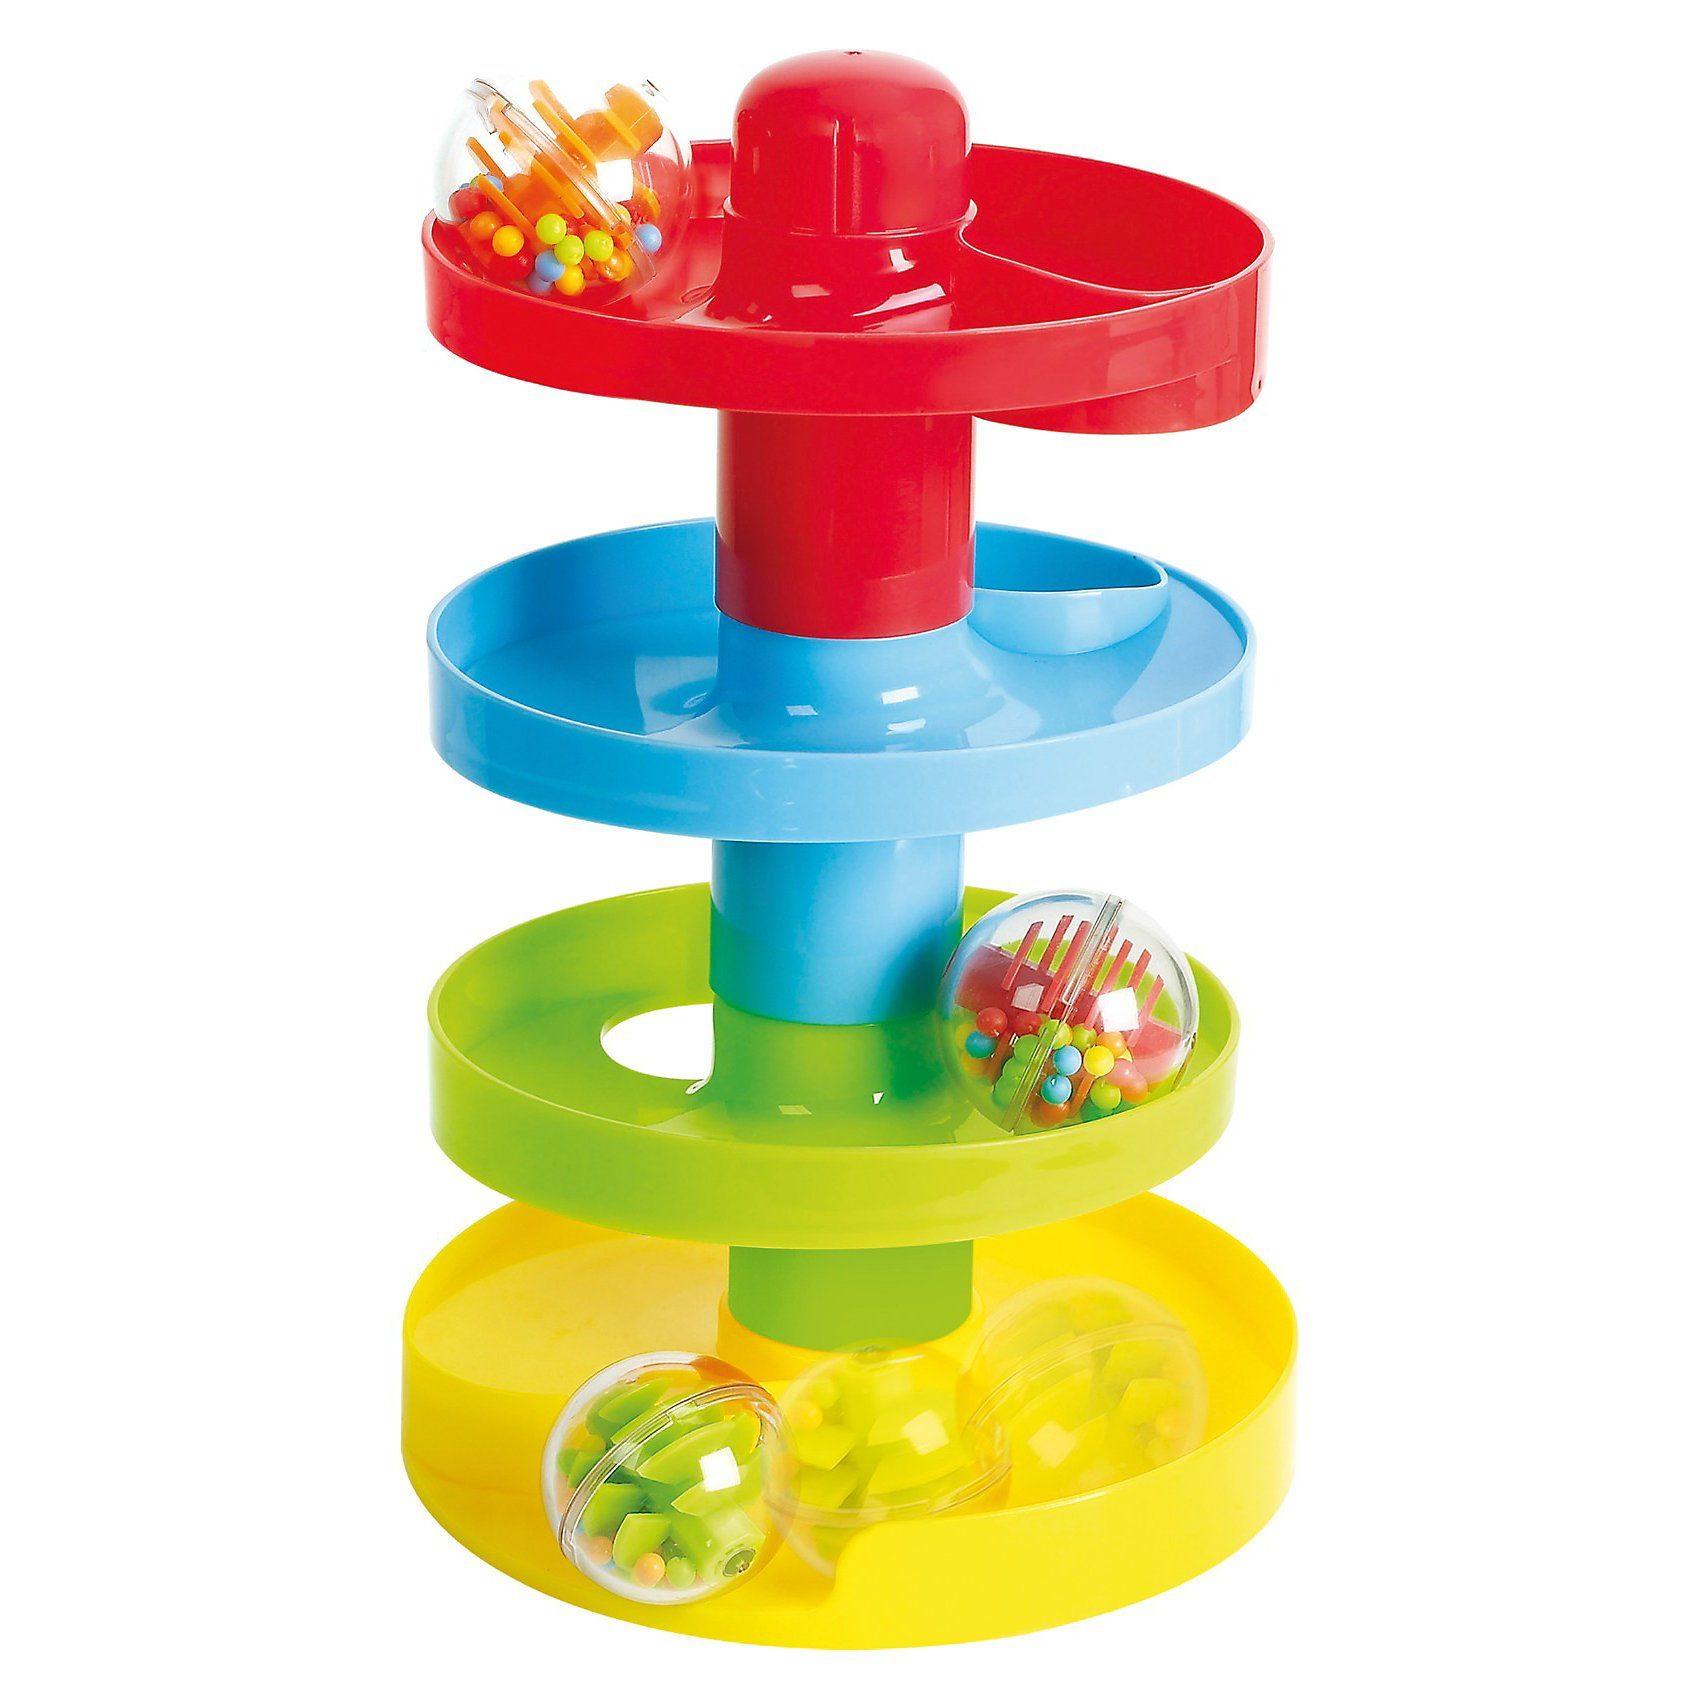 Playgo Baby-Kugelkreiselbahn